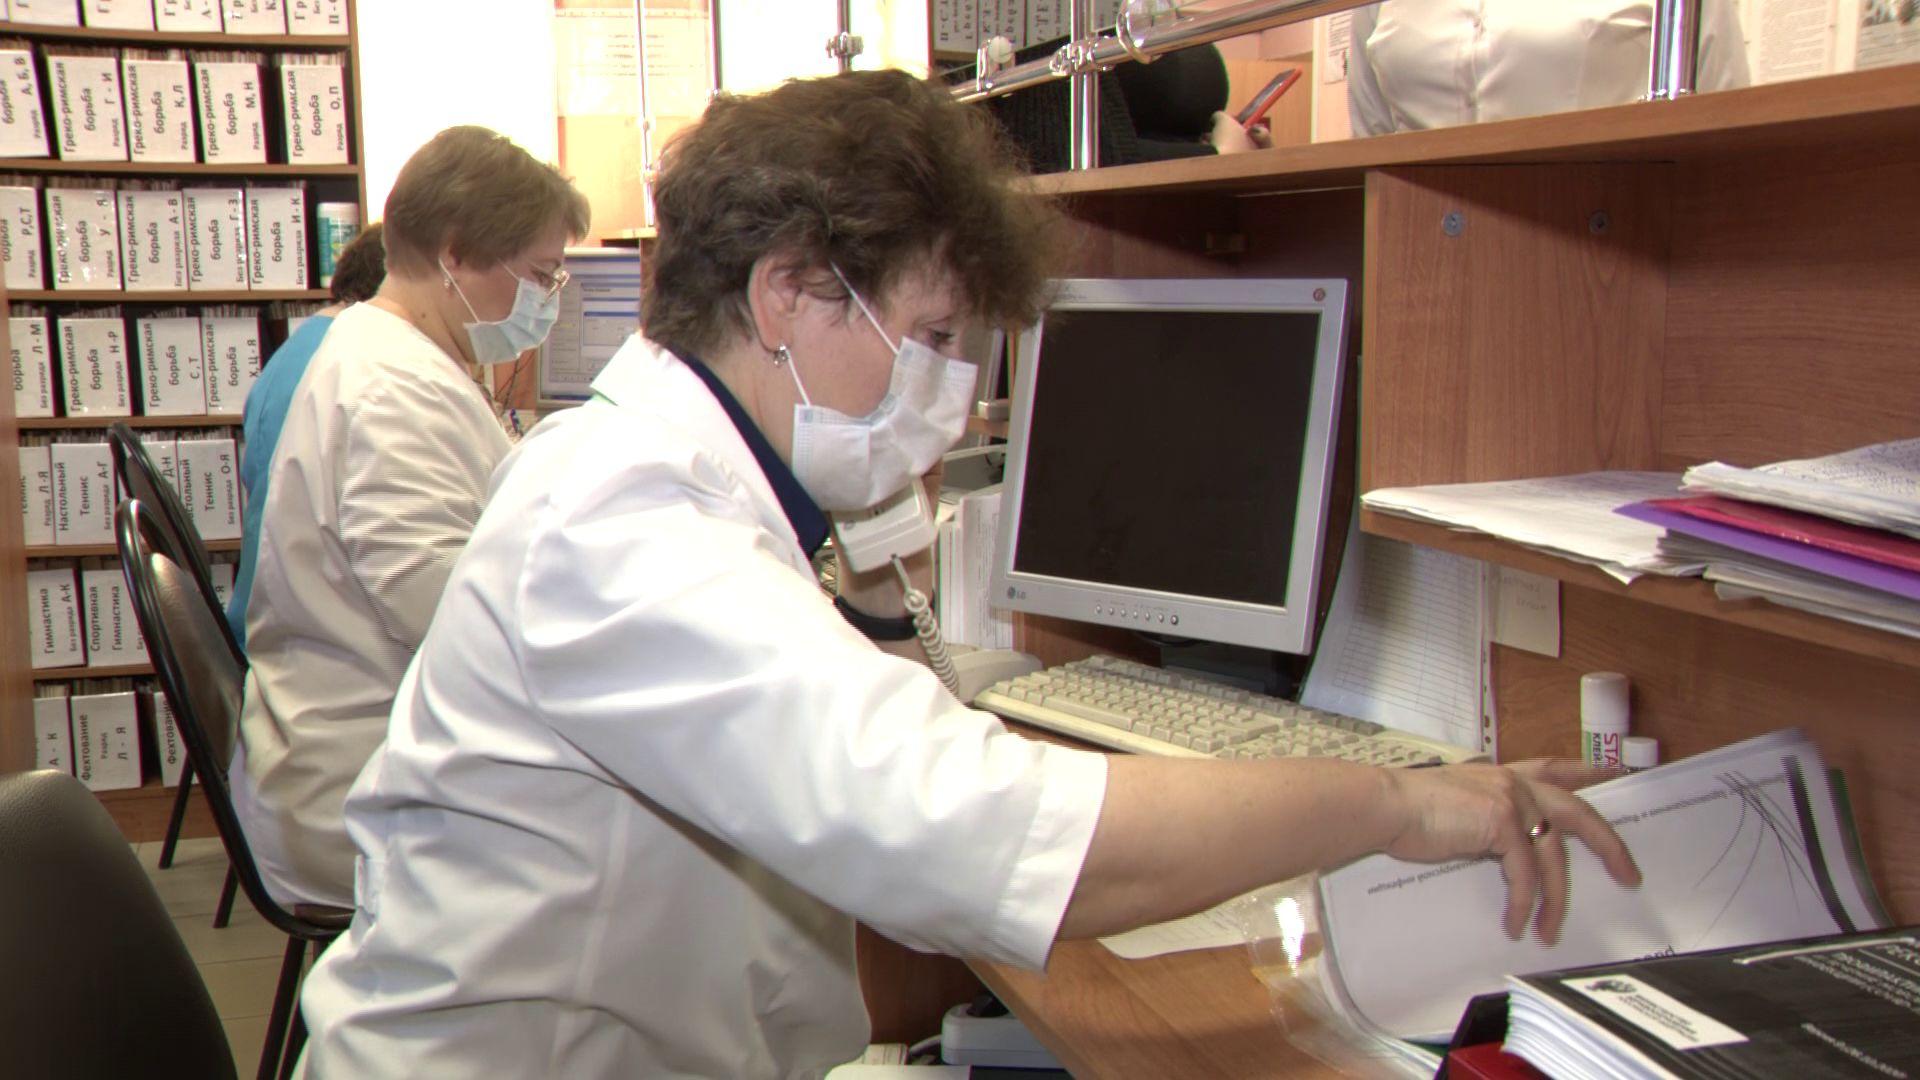 В регионе горячая линия по вопросам коронавируса приняла свыше 12 тысяч звонков